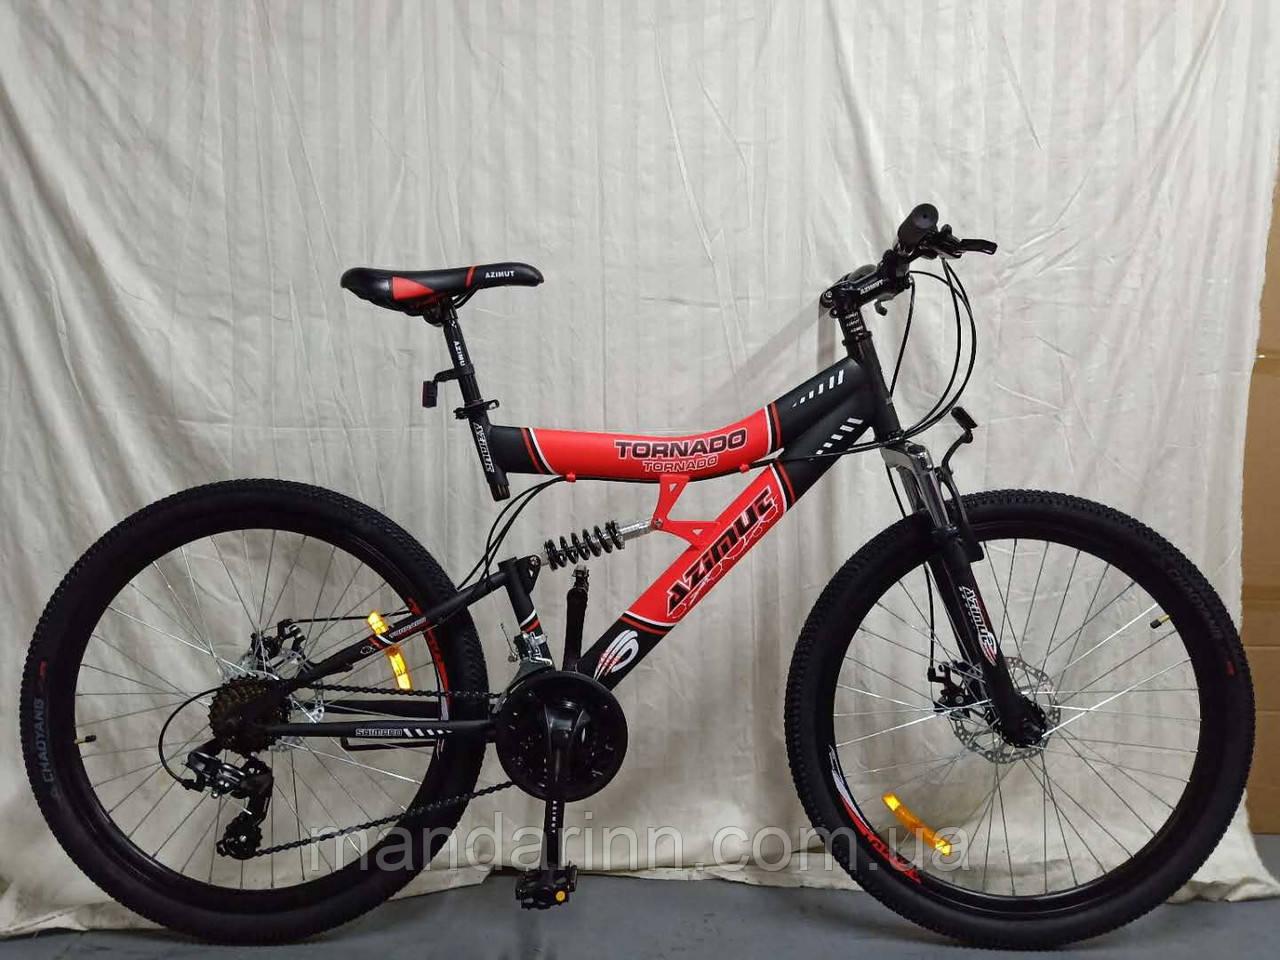 Горный велосипед Azimut Tornado 26 дюймов. Дисковые тормоза. Красно-черный.